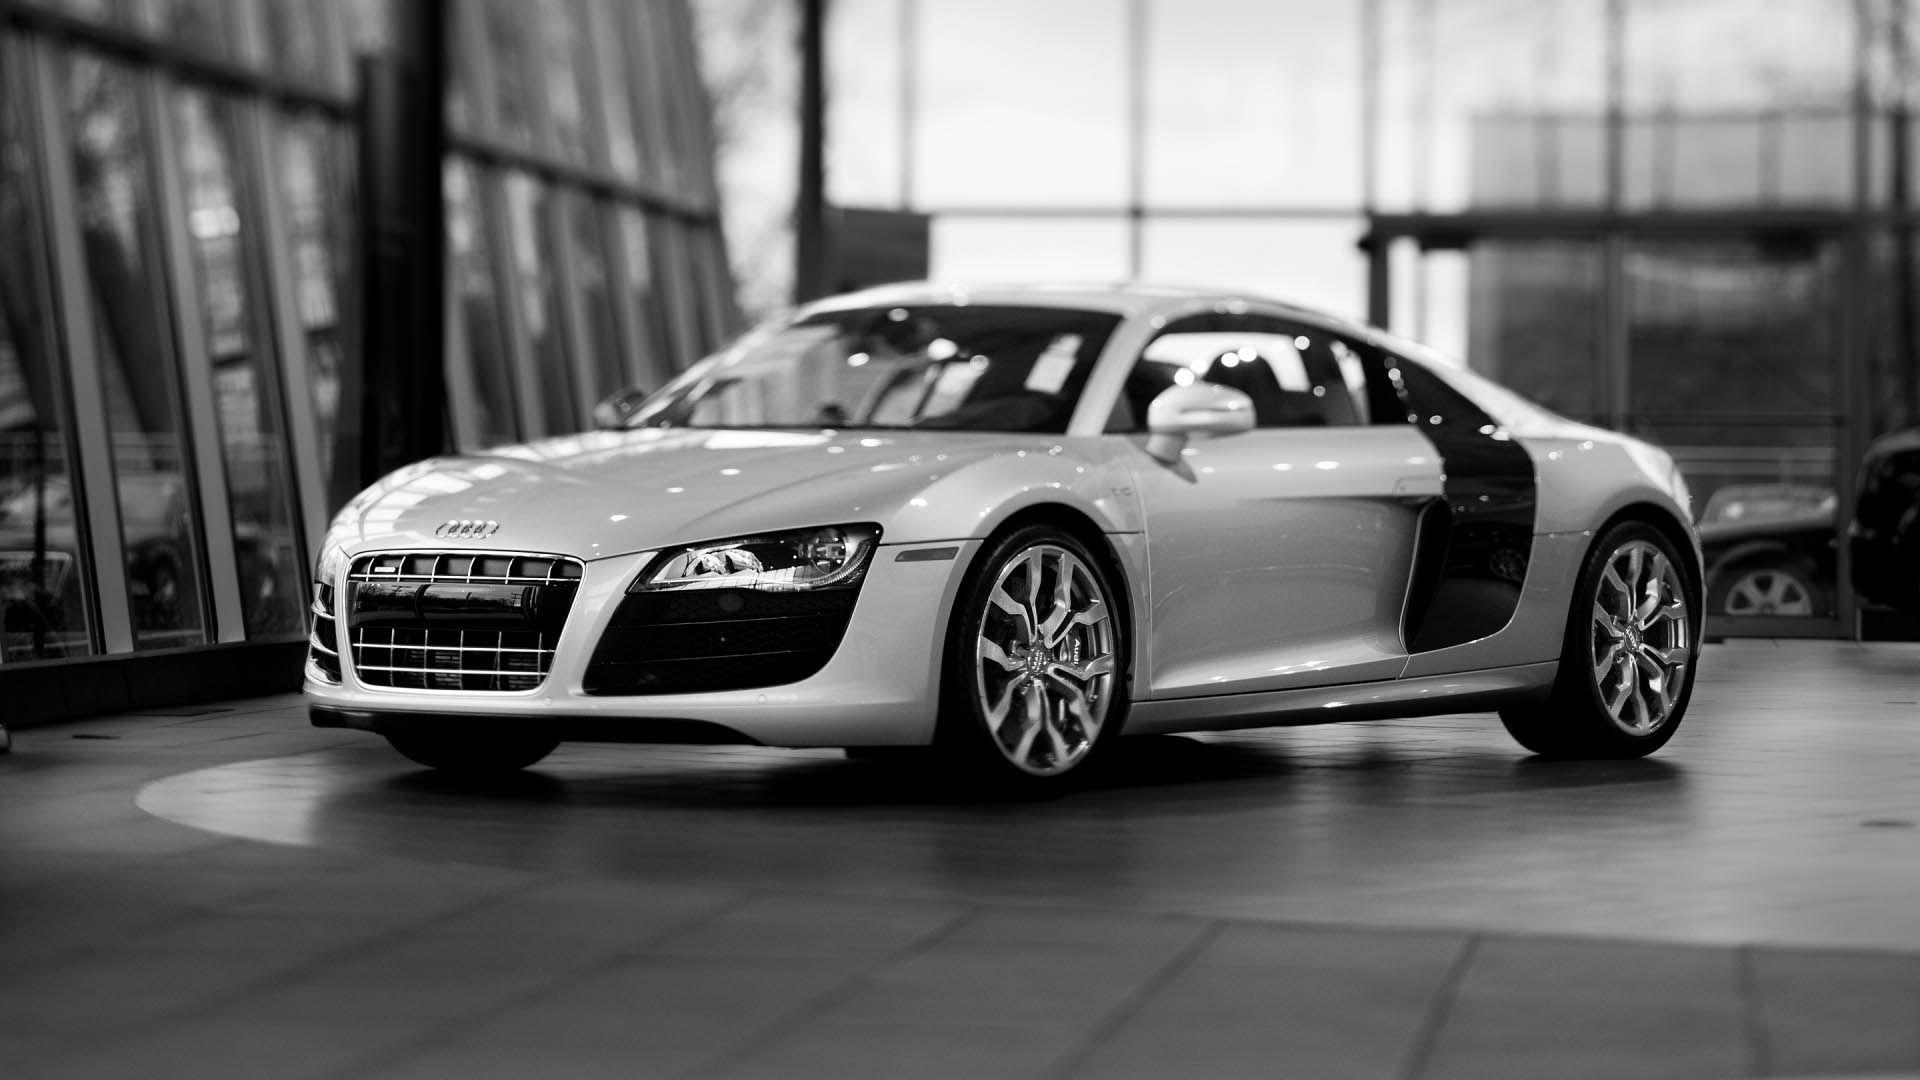 Tag For Audi R Razor Gtr Wallpaper Nano Trunk